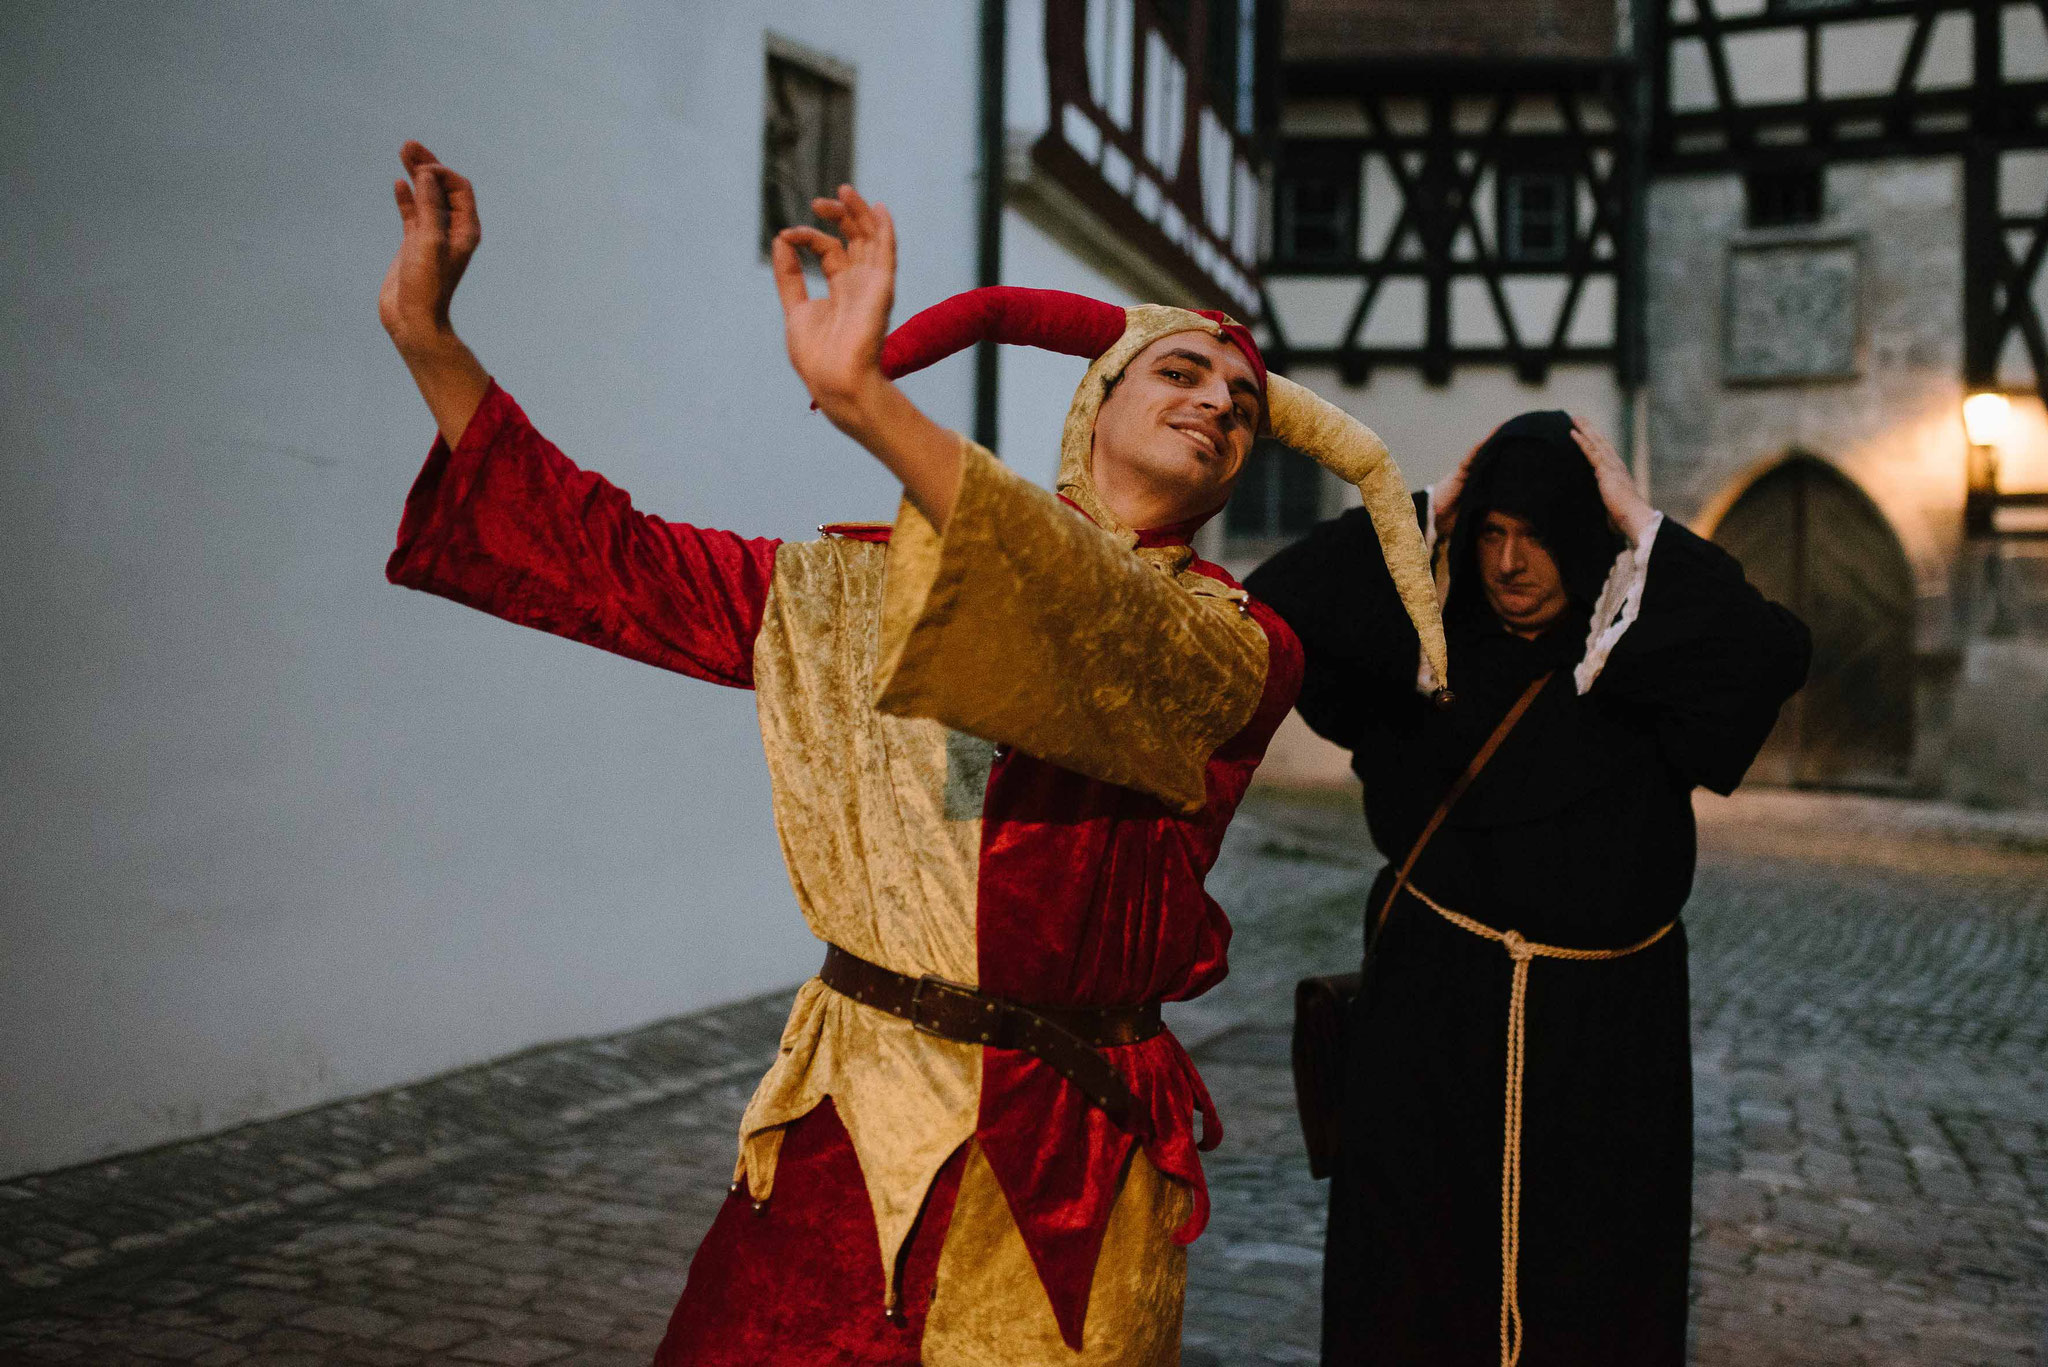 Eulenspiegel und Mönch Berengar im Königsmord